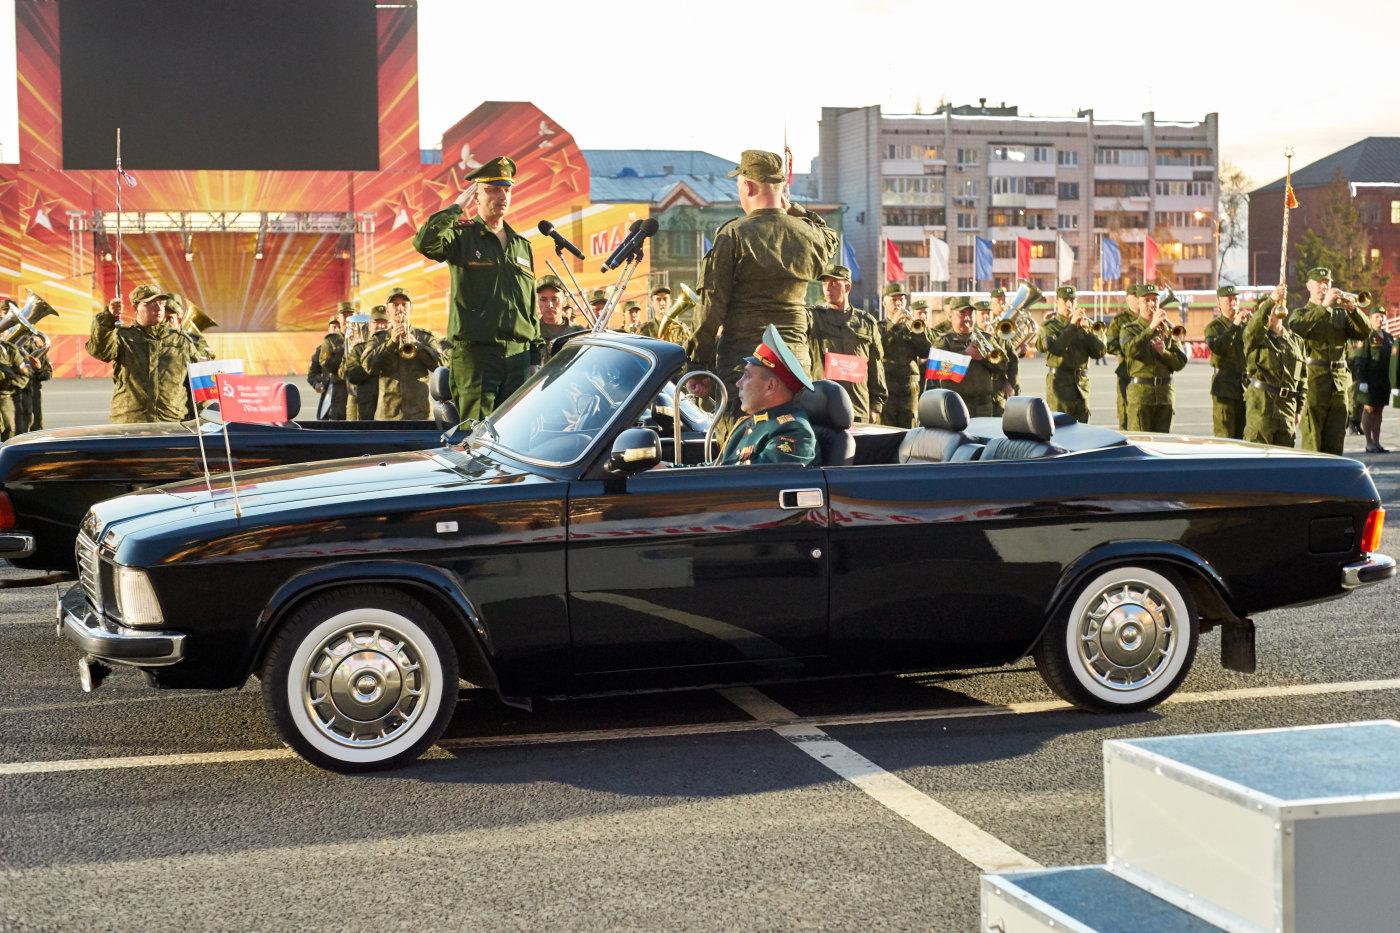 """Церимониальный автомобиль на базе легкового автомобиля ГАЗ-3201 """"Волга"""". Всего силами гаража штаба 8-й общевойсковой армии (ранее - штаба ПривВО) построено было две машины. Автомобили используются при проведении парада в честь годовщины Победы в Великой Отечественной Войне. Автомобили имеют регистрационные номера 1941АЕ76 и 1945АЕ76. Автомобили отсняты во время репетиций парадов 2018 и 2020 годов.. г. Самара, пл. им. В. В. Куйбышева"""